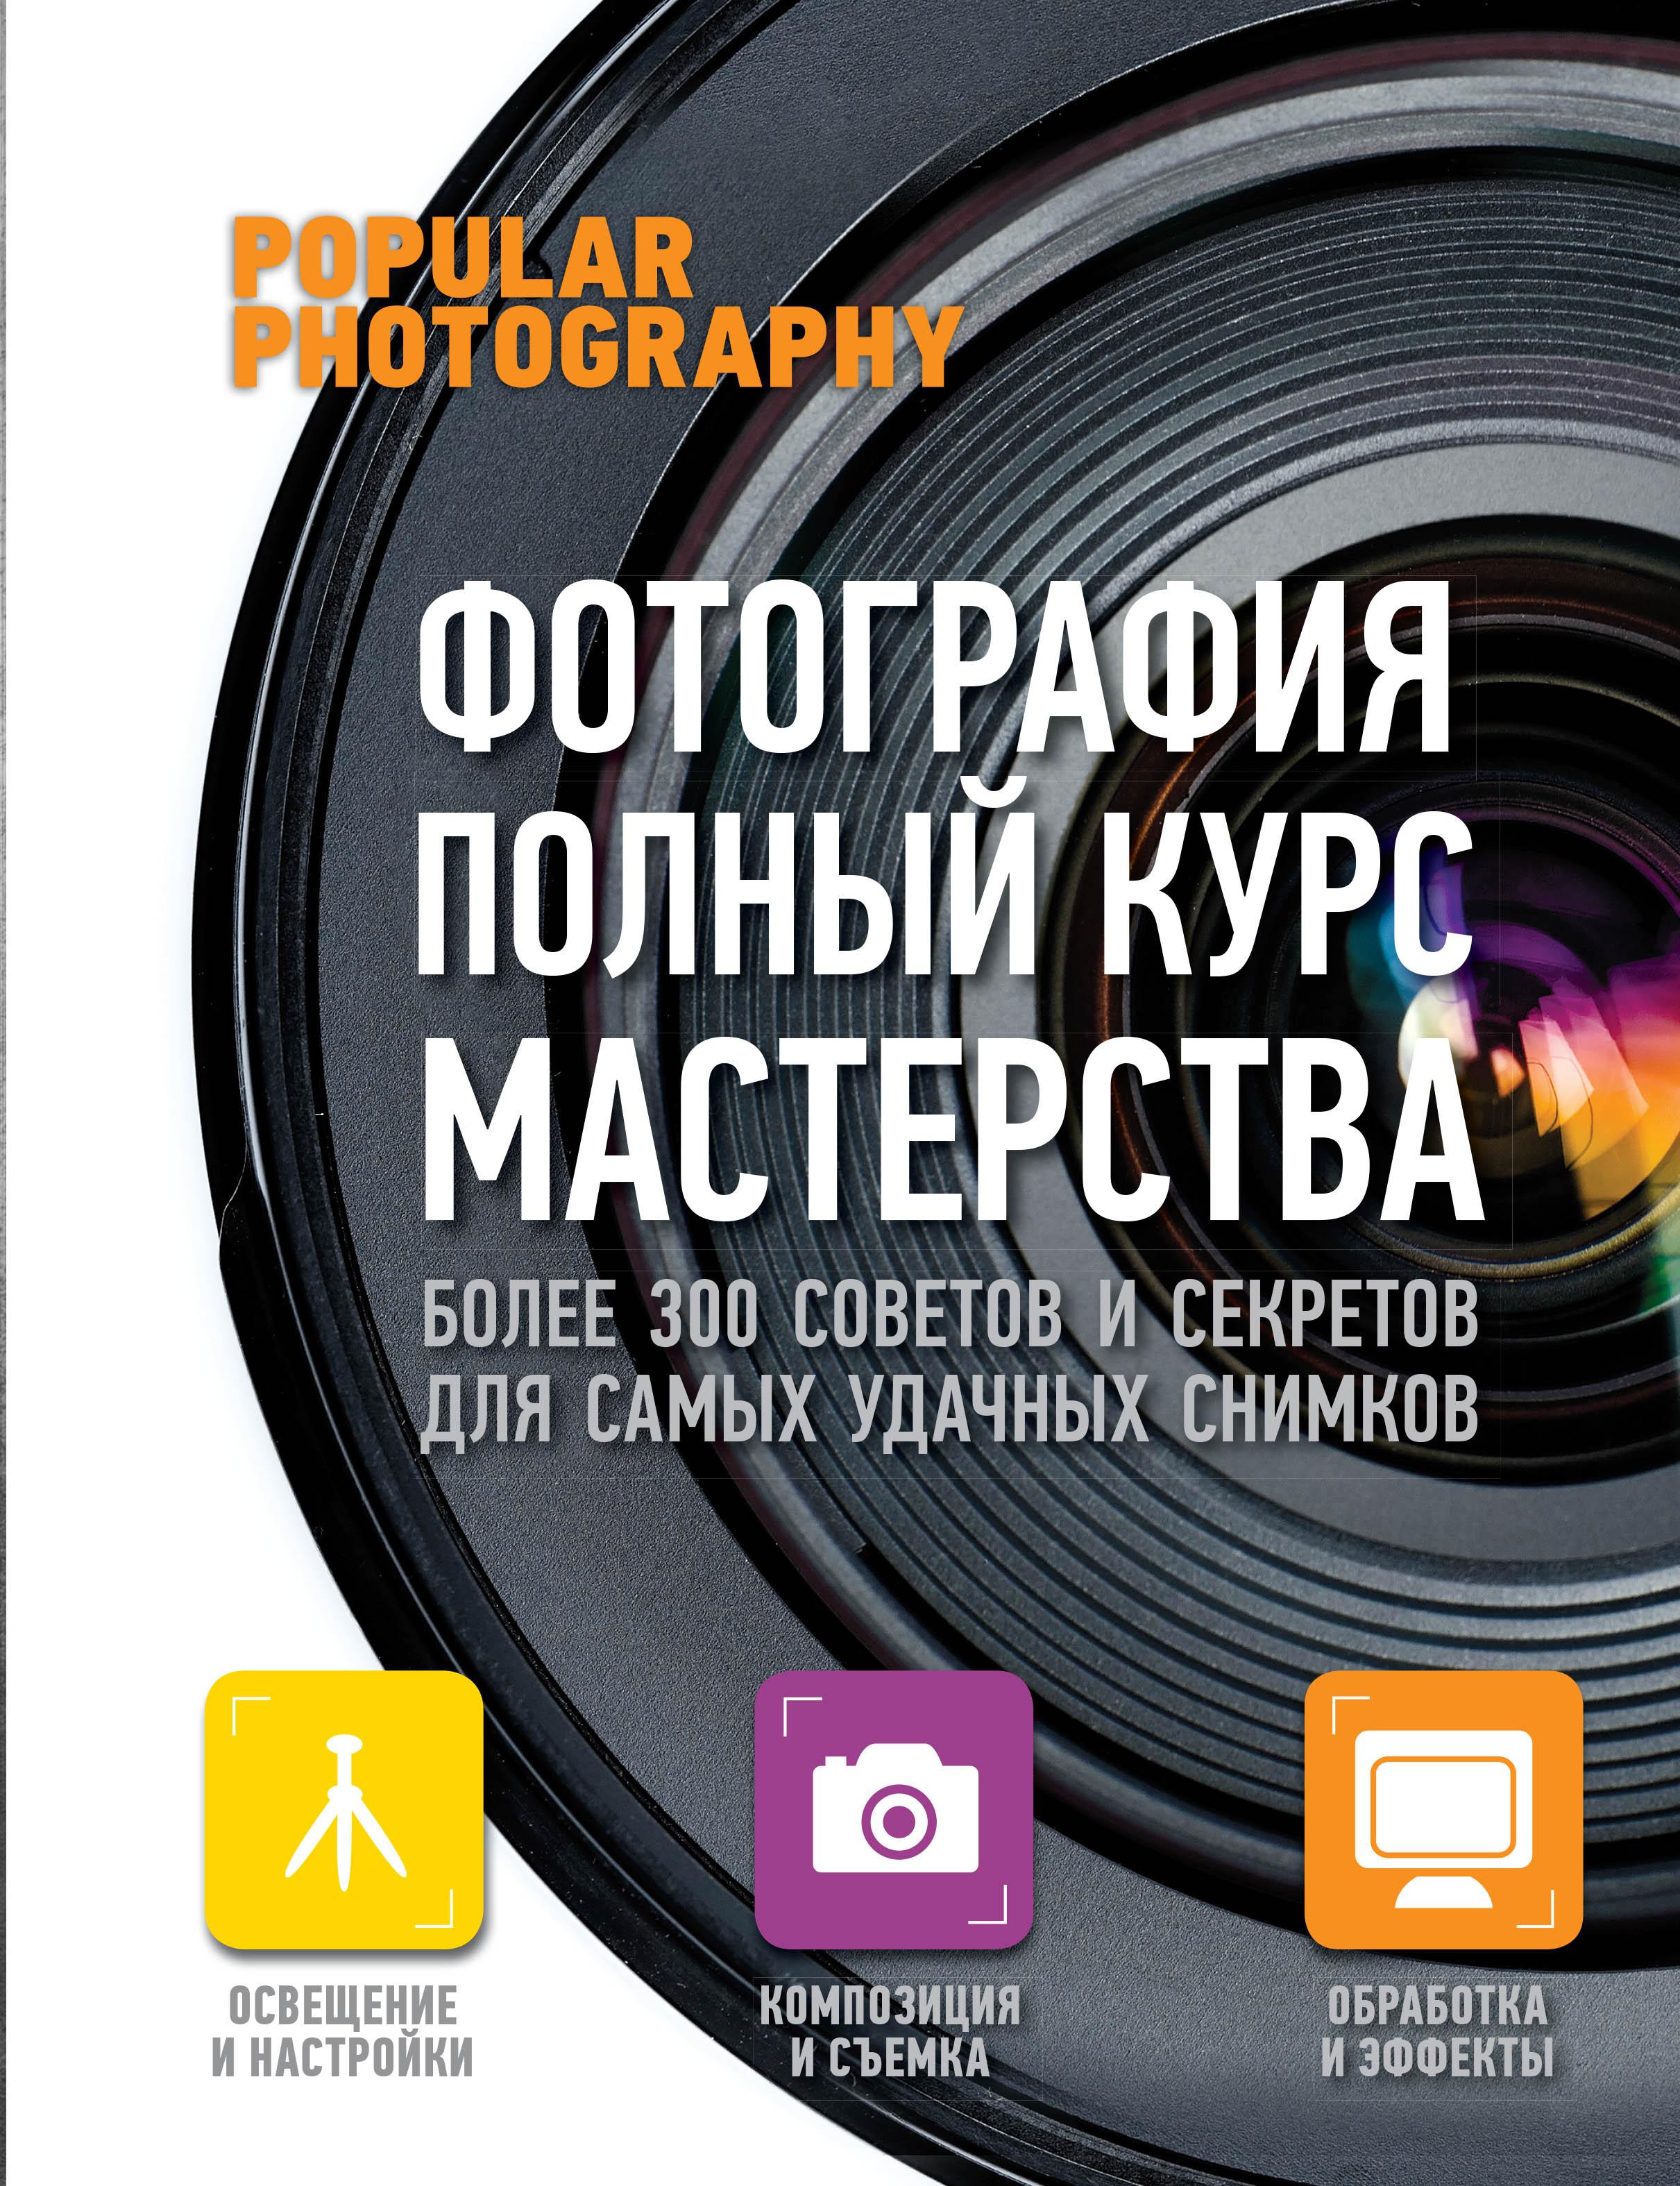 Купить Фотография: полный курс мастерства, 978-5-17-078422-6